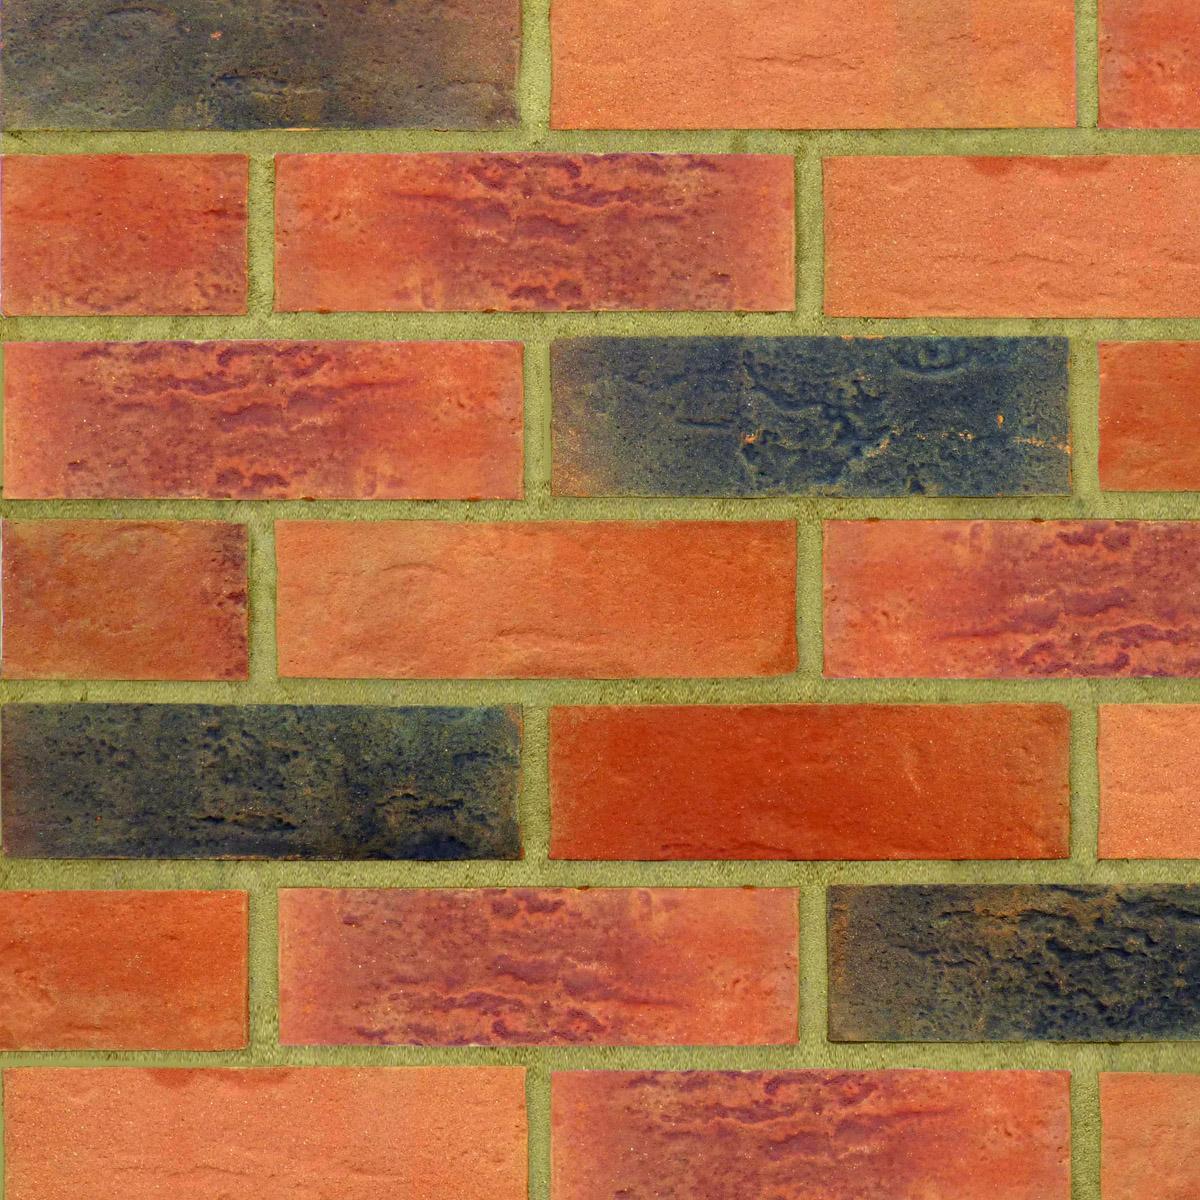 Langthrope Dark Blend Bricks - Neutral